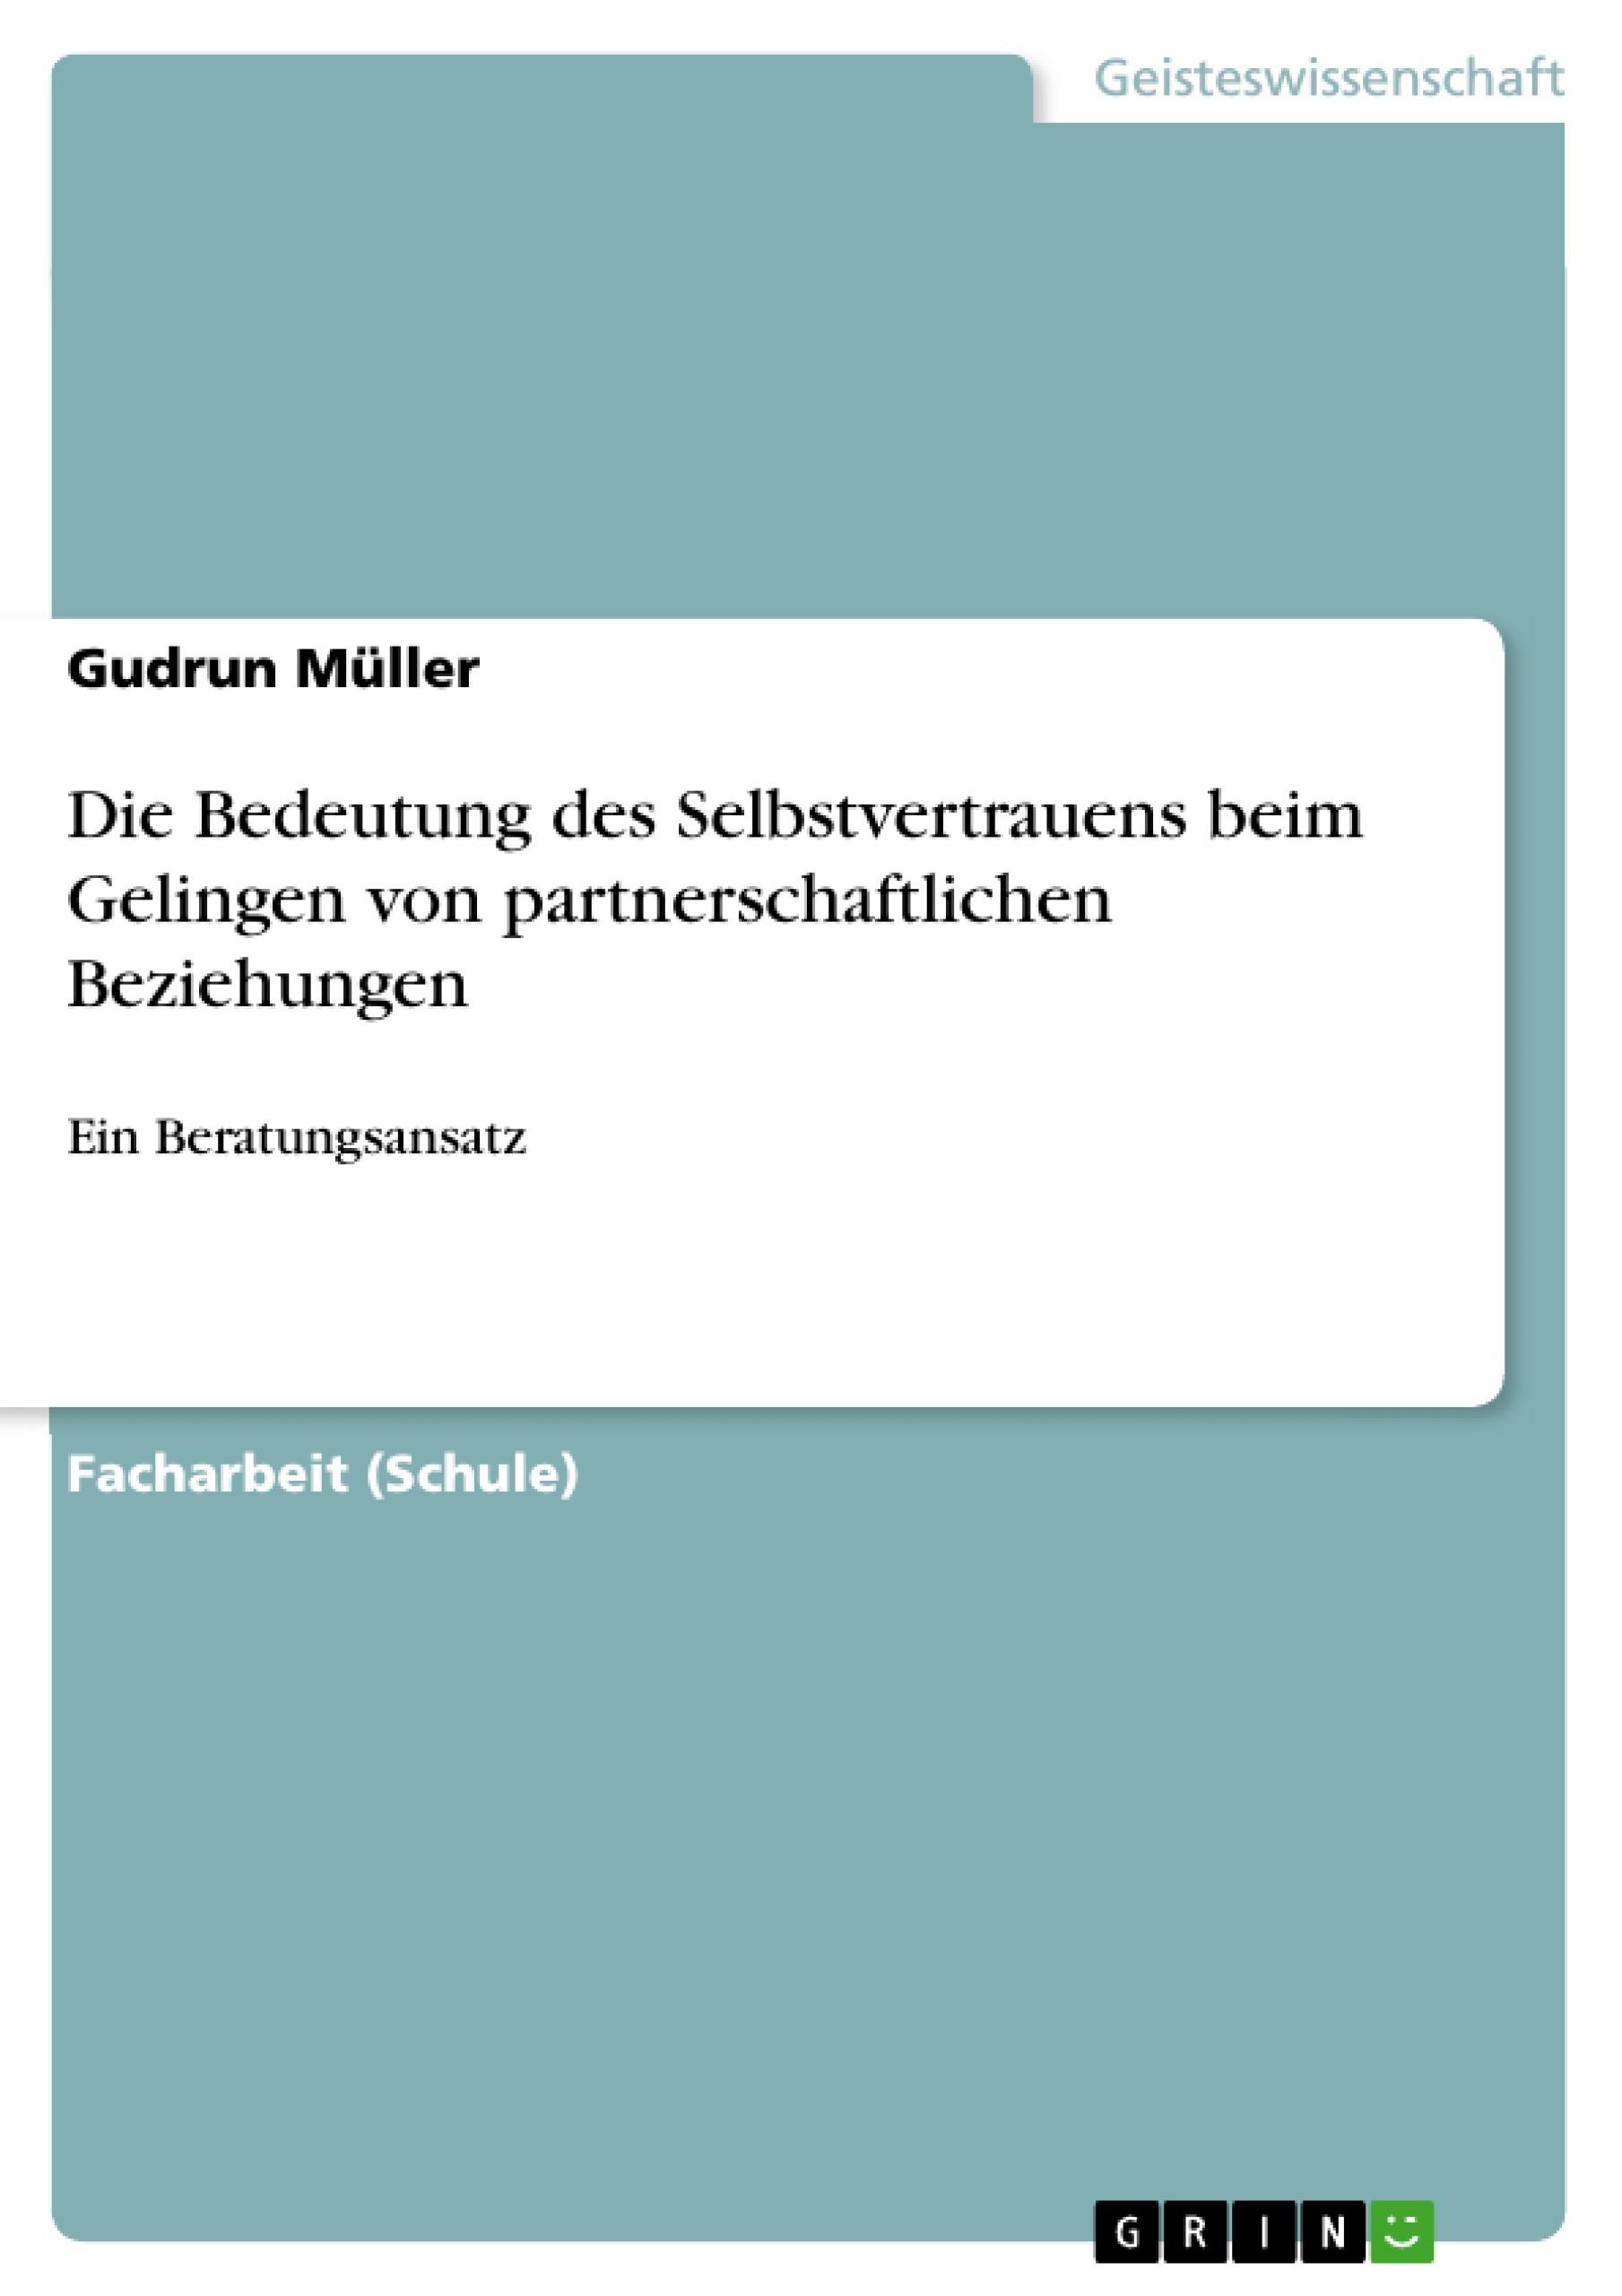 Titel: Die Bedeutung des Selbstvertrauens beim Gelingen von partnerschaftlichen Beziehungen